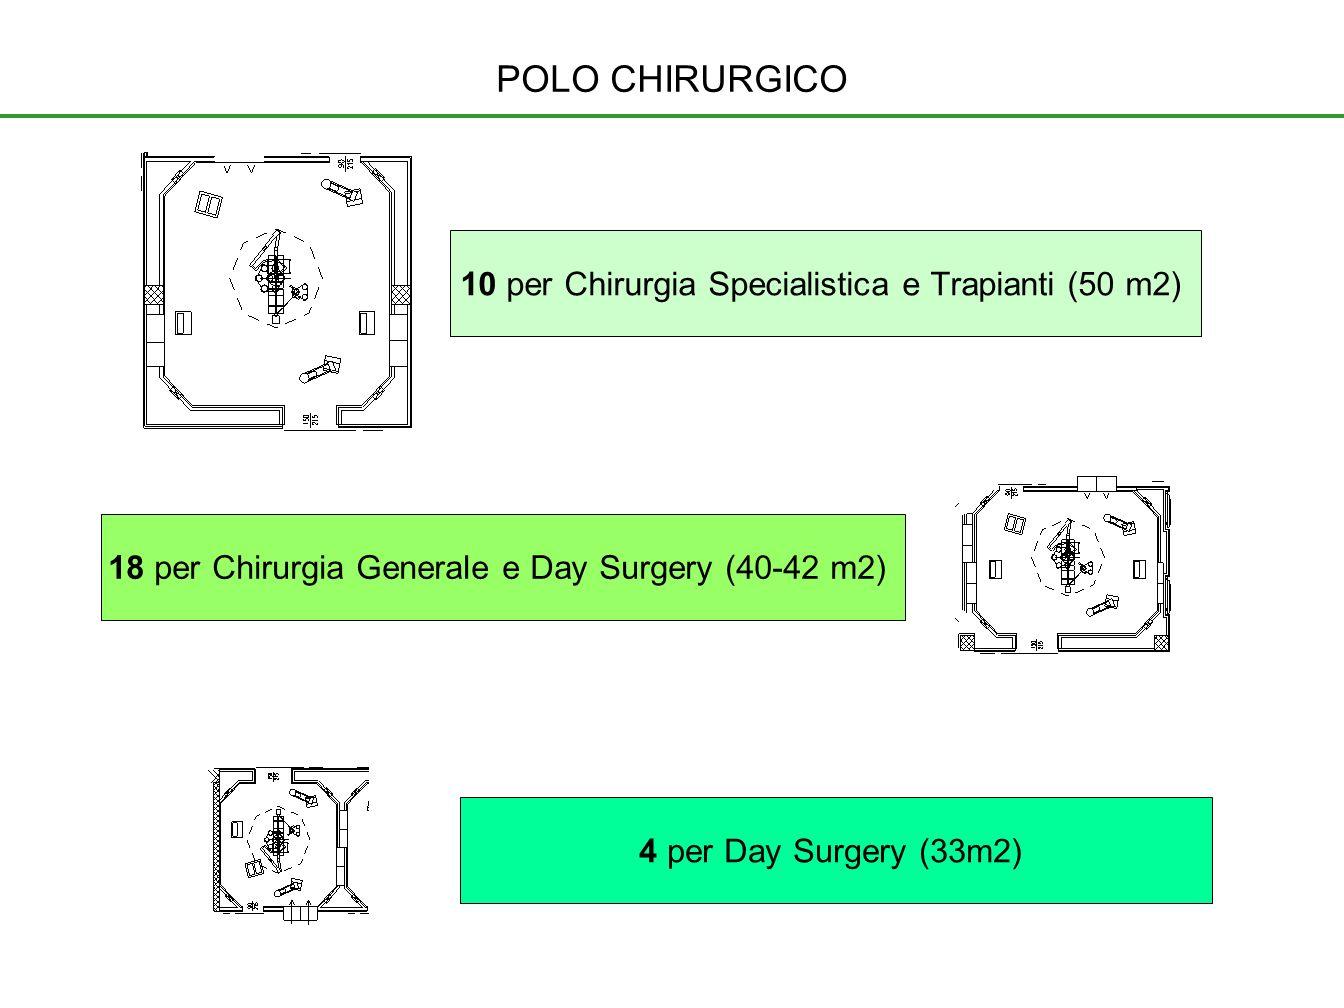 18 per Chirurgia Generale e Day Surgery (40-42 m2) 10 per Chirurgia Specialistica e Trapianti (50 m2) 4 per Day Surgery (33m2) POLO CHIRURGICO